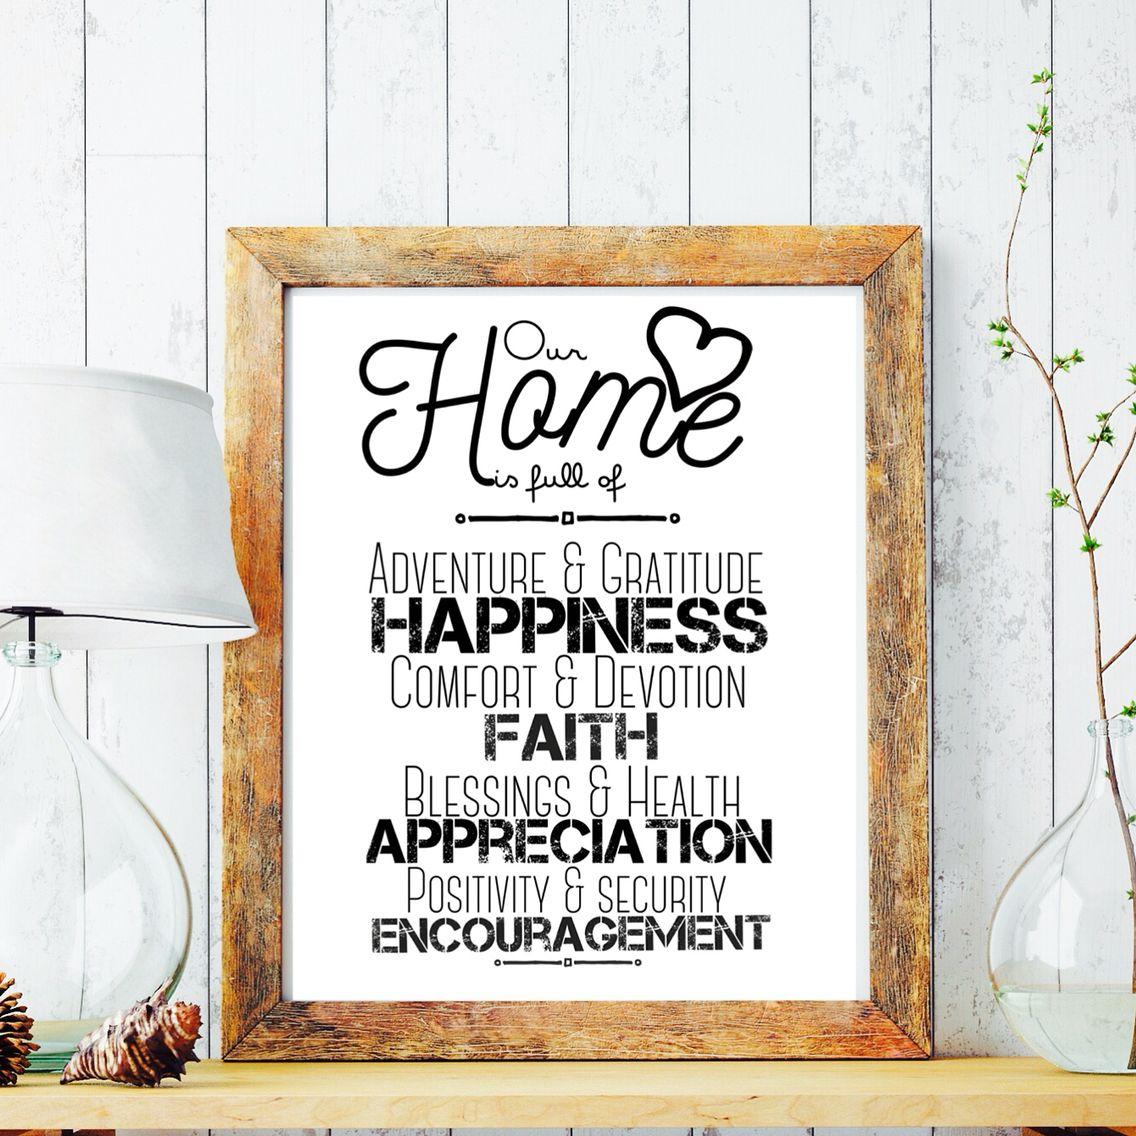 Inspirational Quotes For Home Decor - talentneeds.com